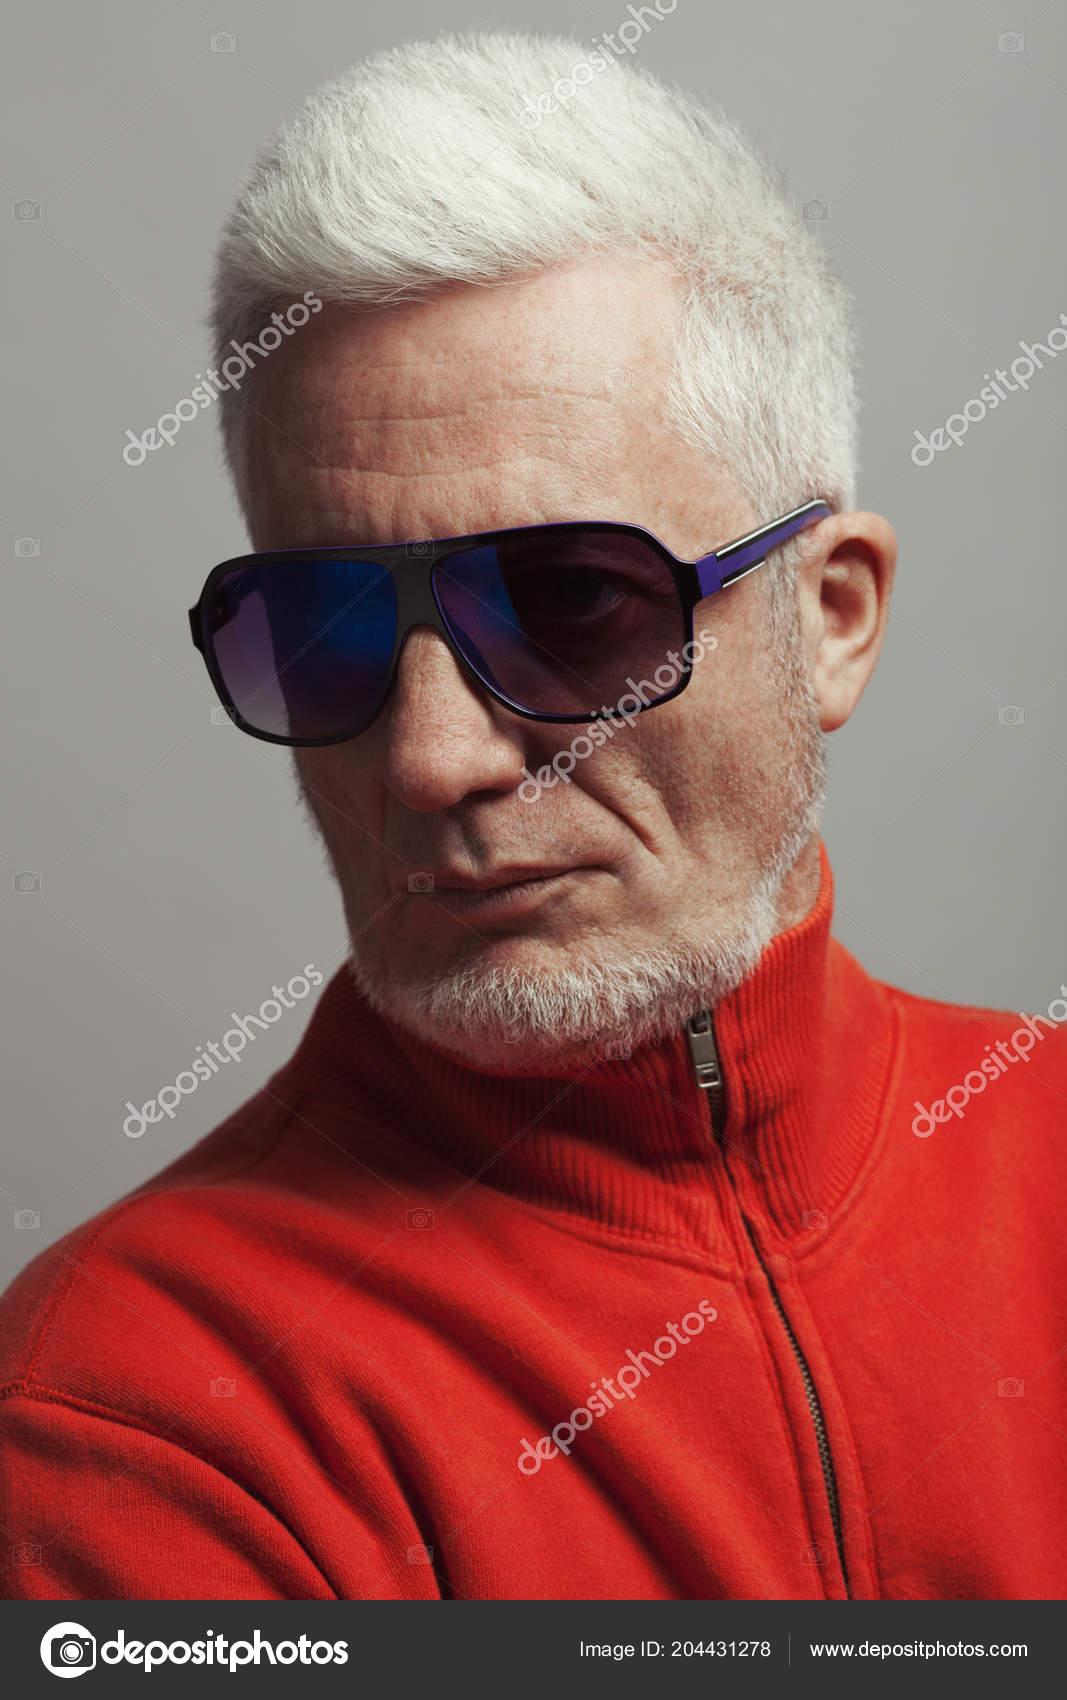 Fabuleux Portrait Mode Lunettes Homme Tous Âges Concept Les 43AjLR5